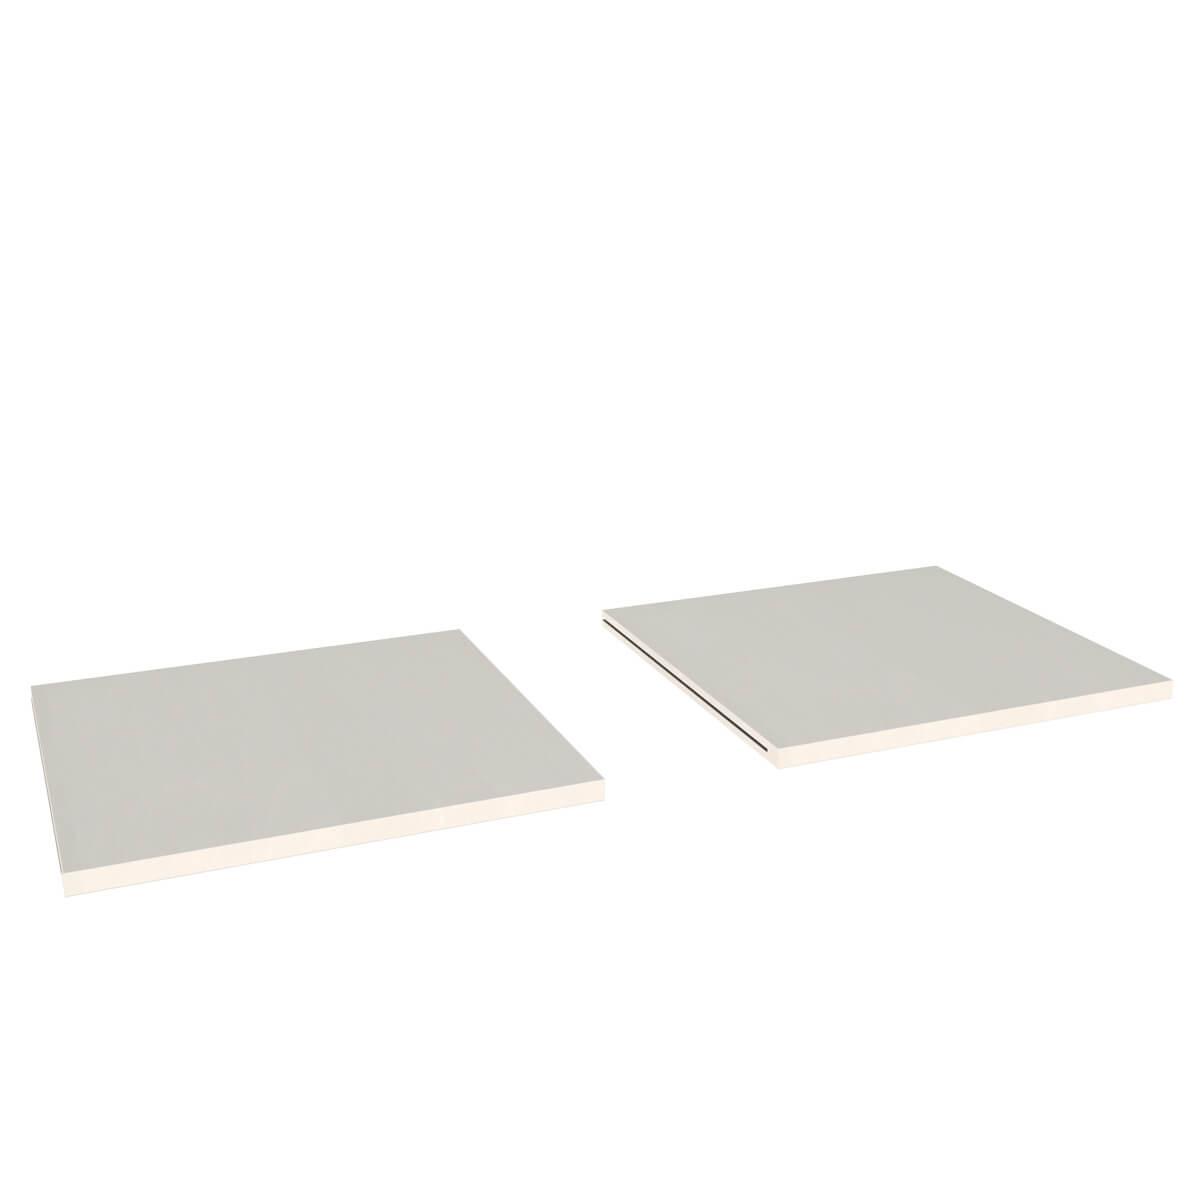 Regalboden 2er-Set DESTYLE de Breuyn  Buchenfurnierte Spanplatte weiß gebeizt-lackiert